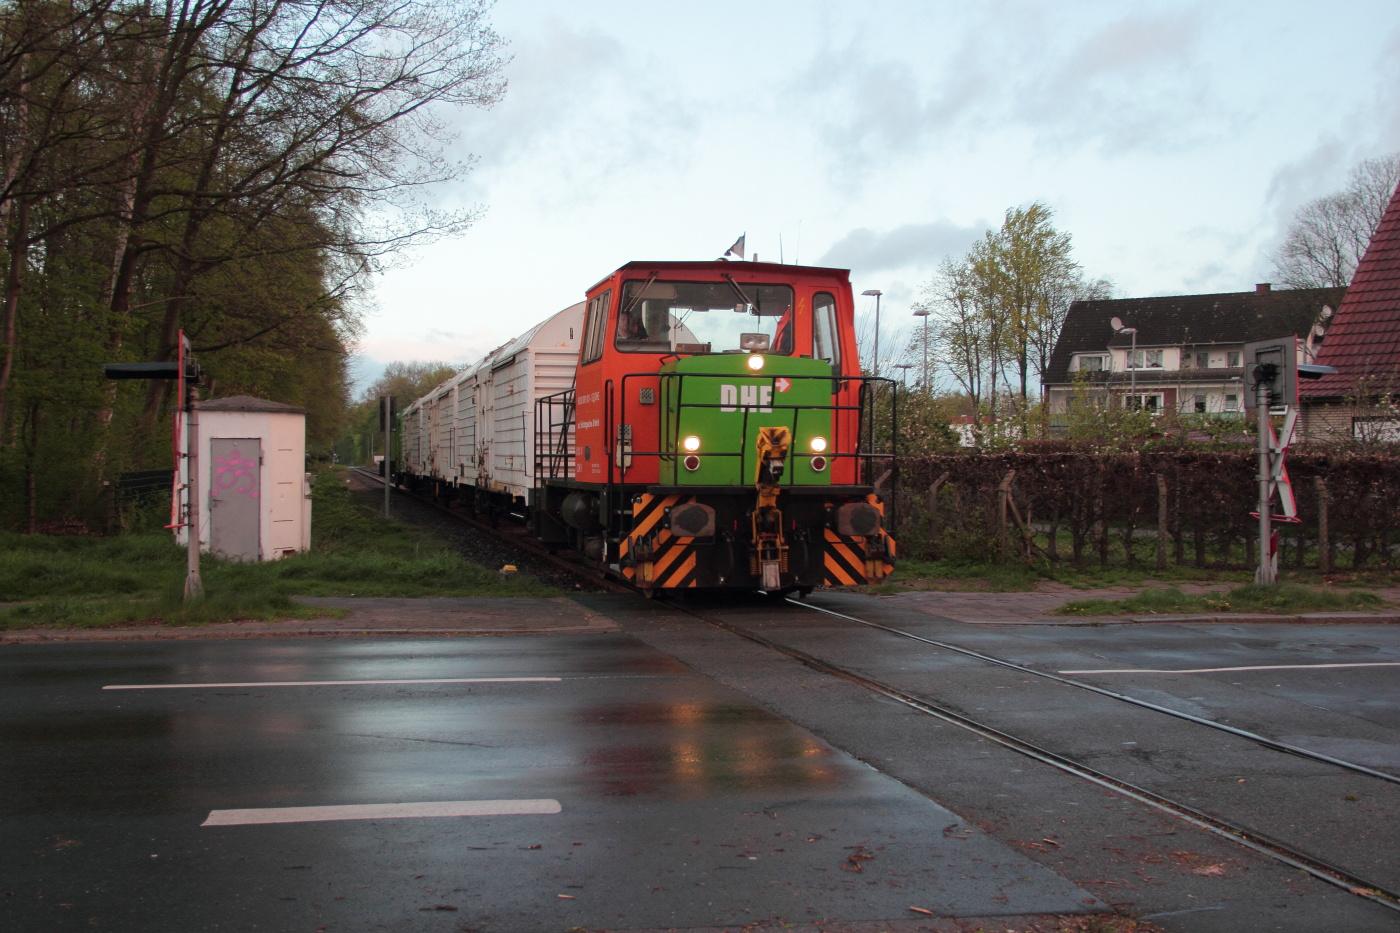 http://www.nachtbahner.de/Fotos/2014-04-14%20Torf-%20u.%20NE-Bahnen%20zwischen%20Weser%20und%20Ems/k-IMG_3120%20Torf-%20u.%20NE-Bahnen%20Weser-Ems%2014.04.14%20(19).JPG